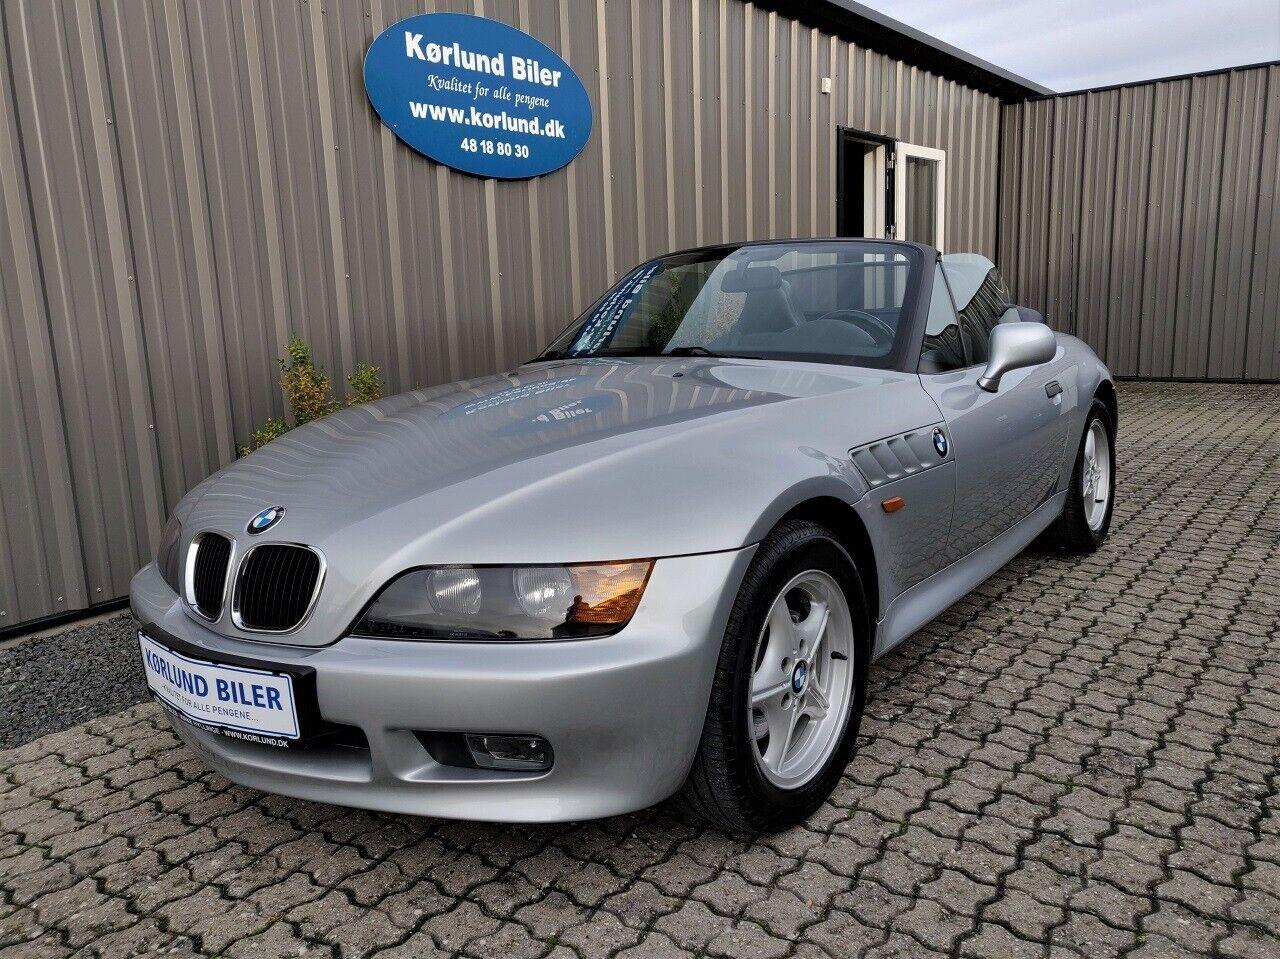 BMW Z3 1,9 Roadster aut. 2d - 0 kr.